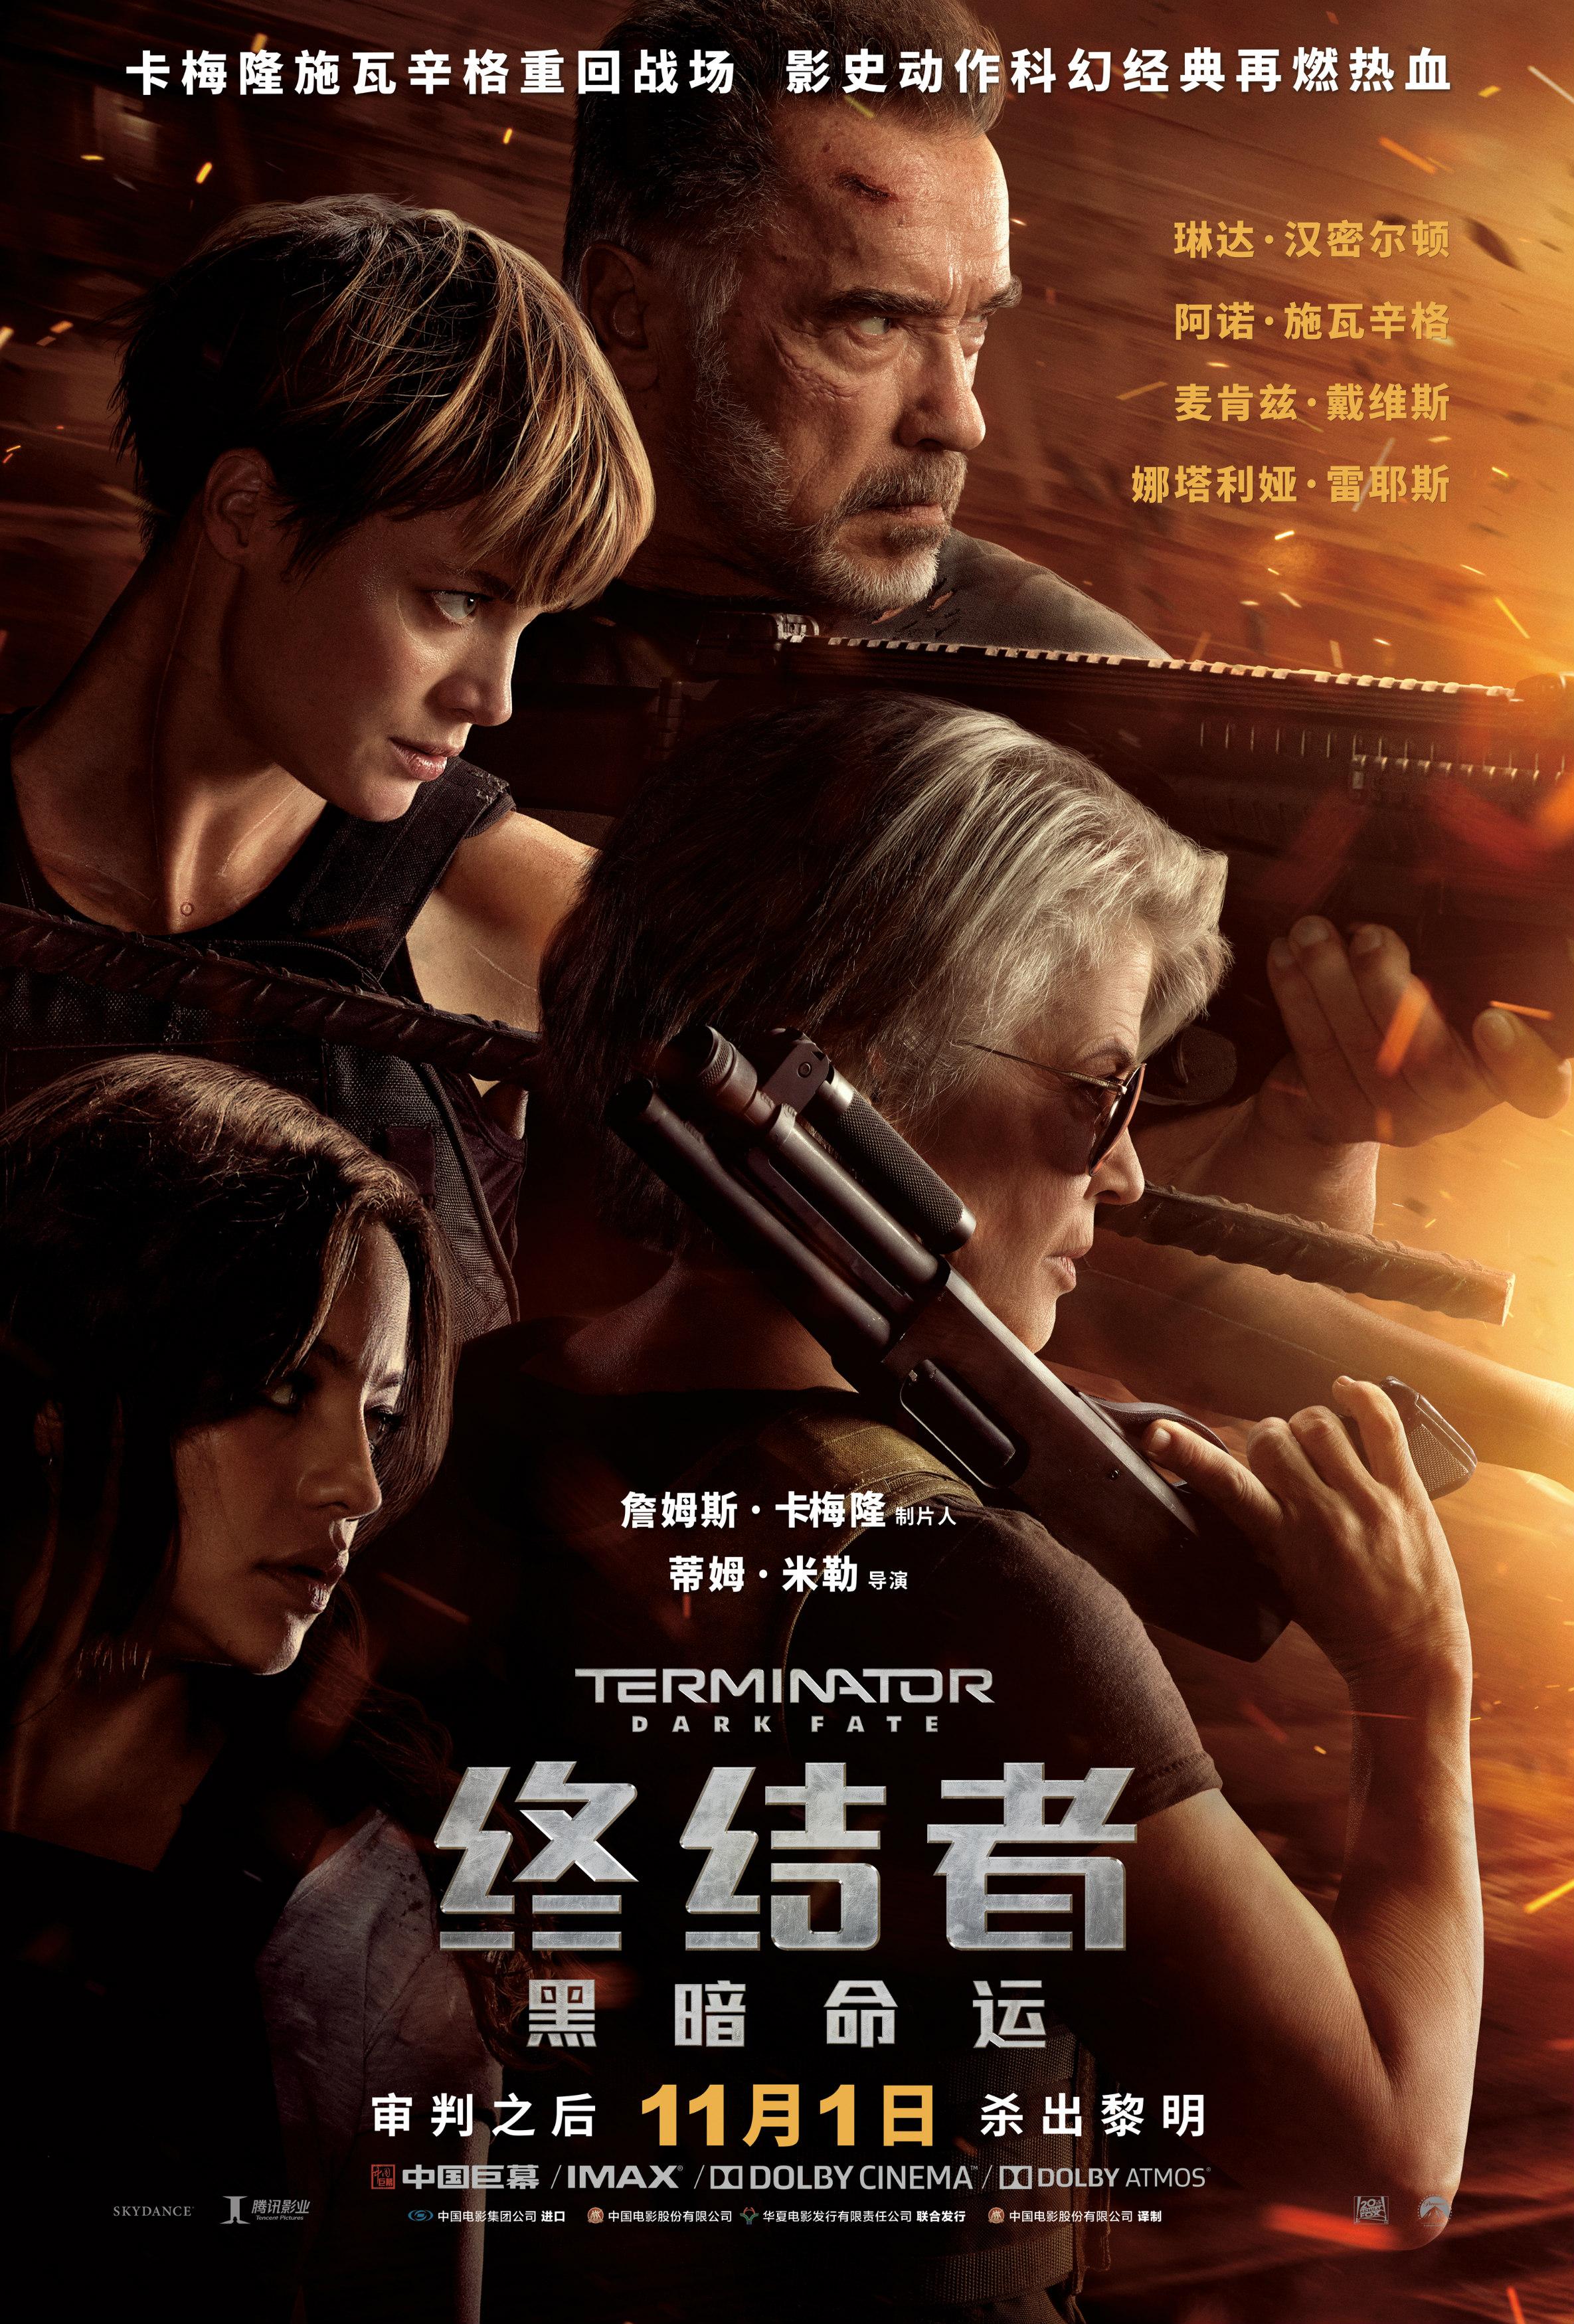 施瓦辛格《终结者》最新篇章定档11月1日,同步北美_电影